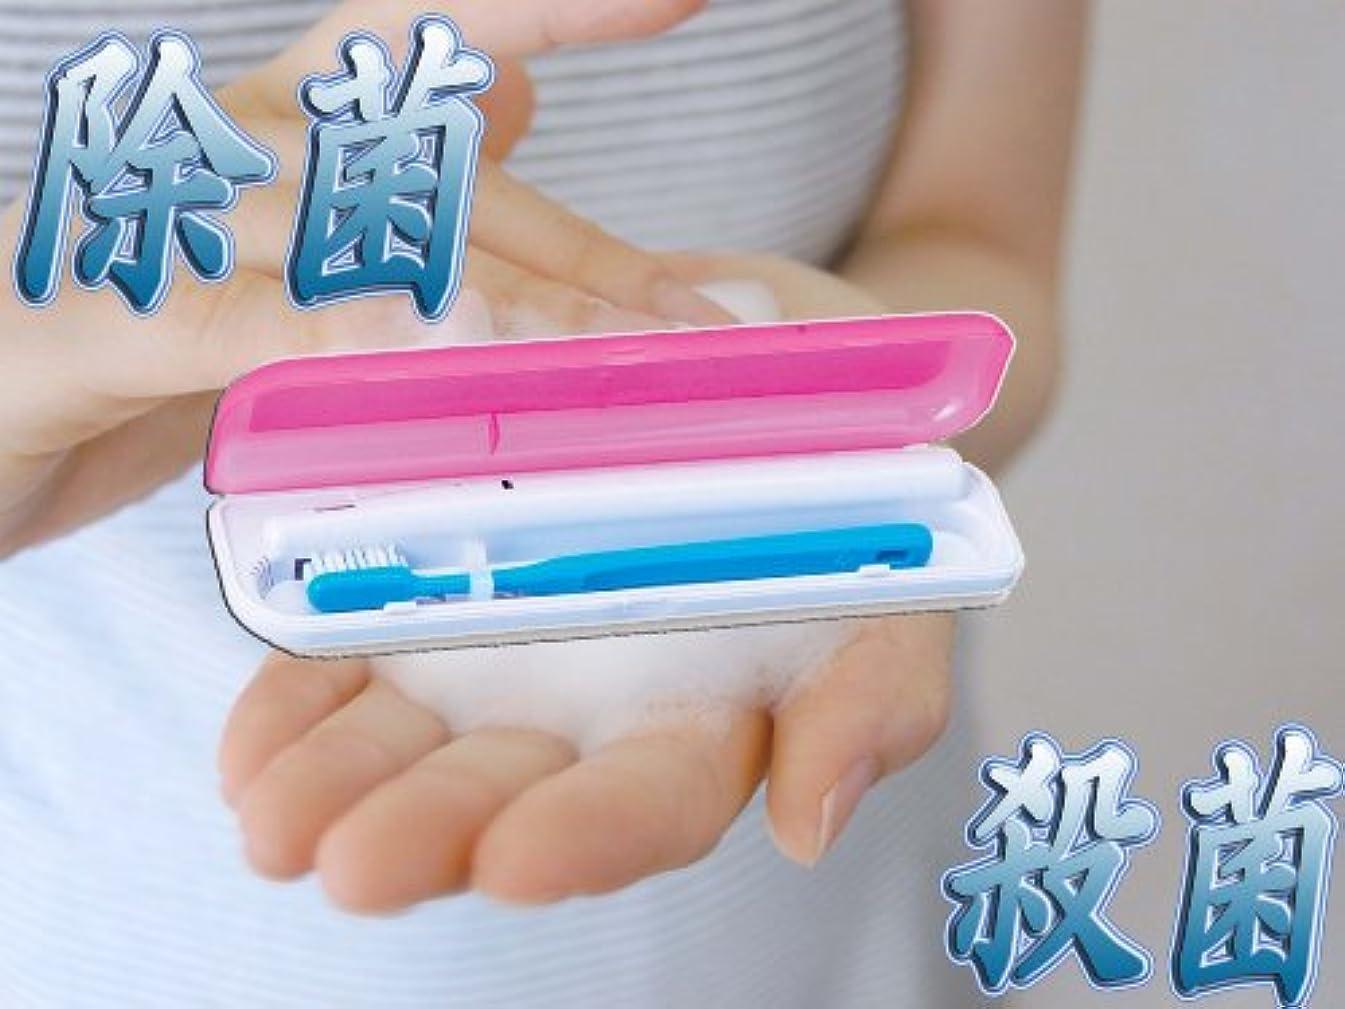 洪水有名人玉歯ブラシの隅々まで殺菌&除菌!! 除菌歯ブラシ 携帯ケース 電池式 15408